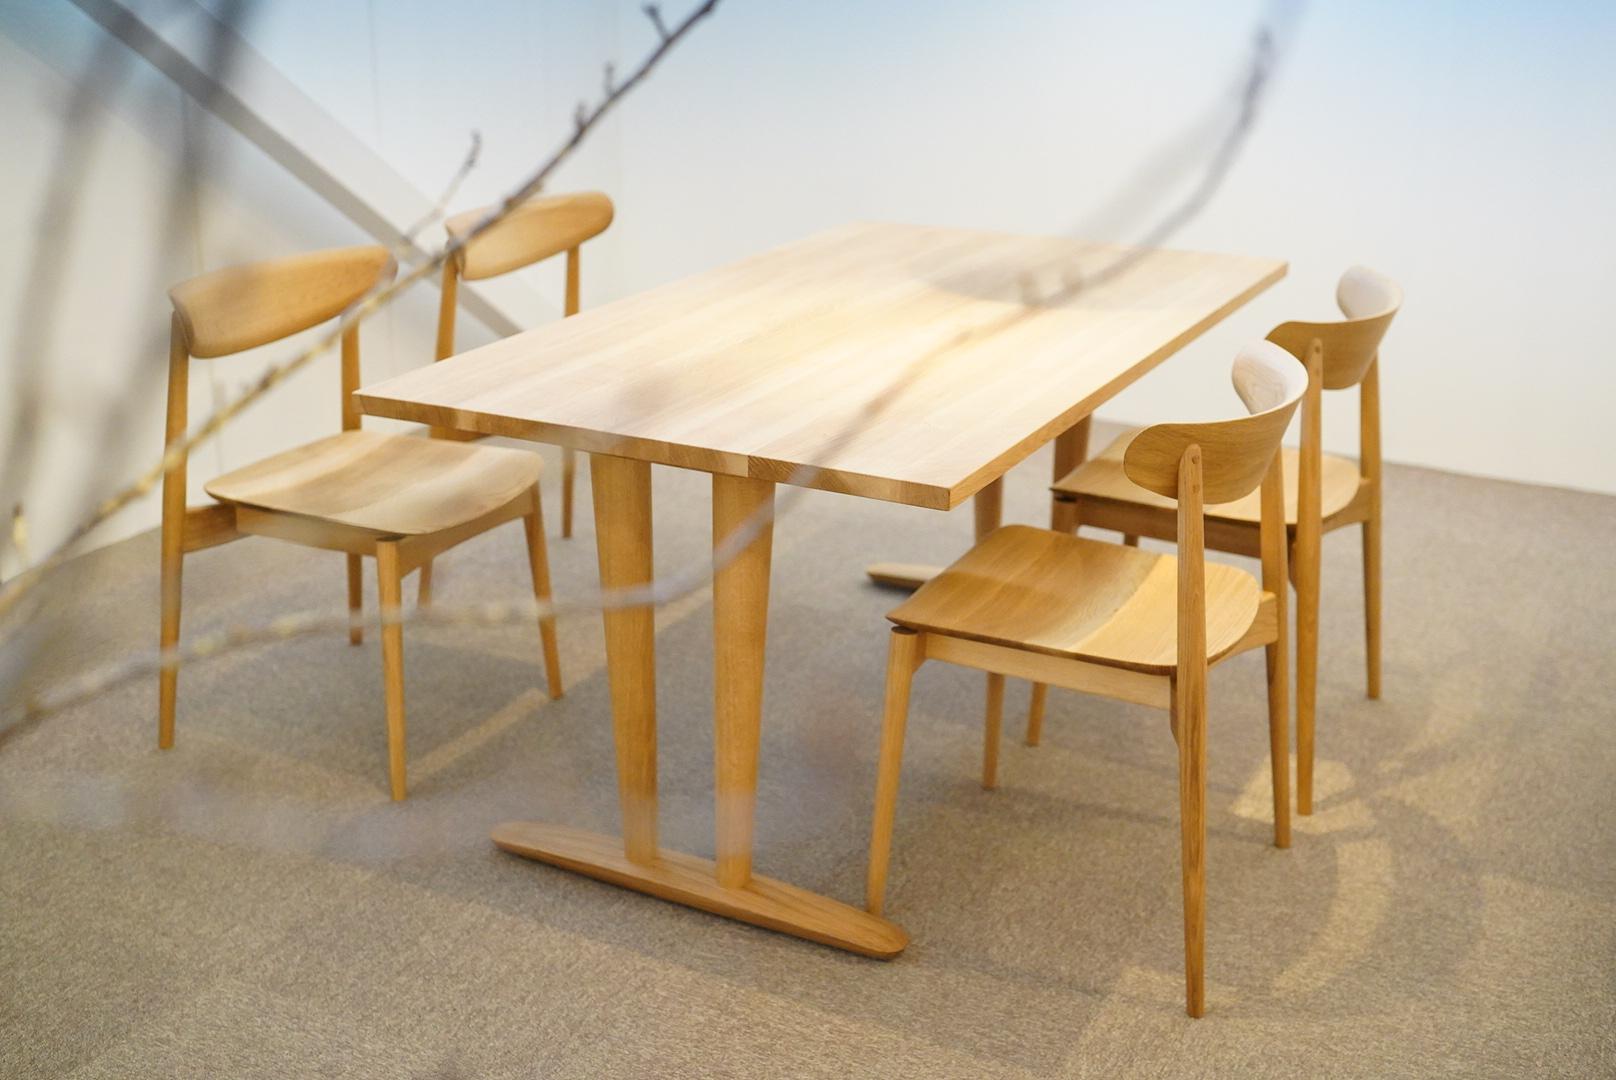 日本に古来からある広葉樹のナラで作ったダイニングテーブルとチェア